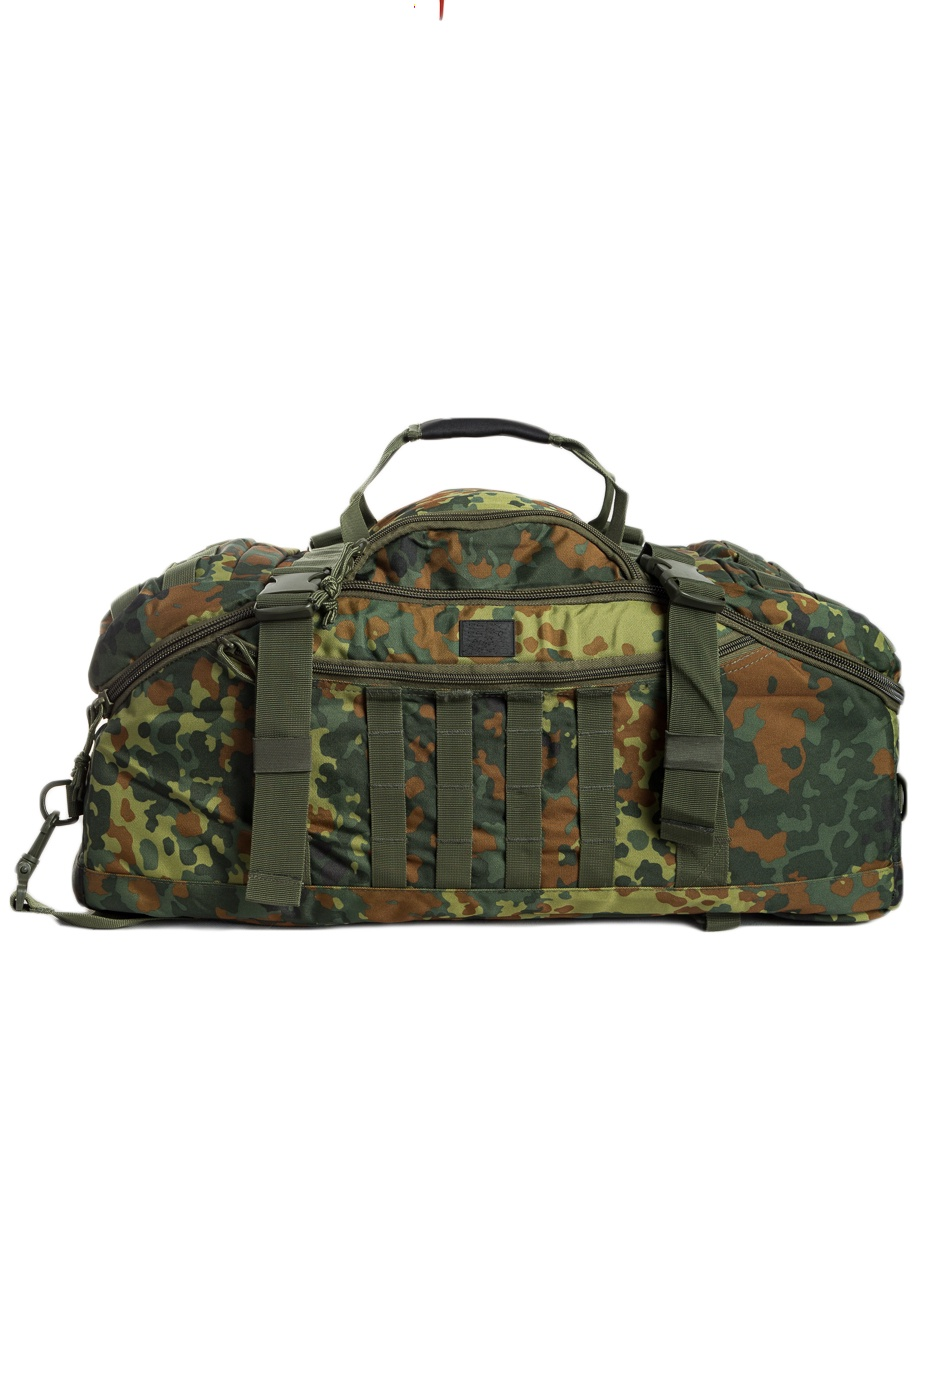 Сумка Tactical Pro Duffle, зеленый рисунок yue tuyue плечо сумка сумки мода случайные холст сумка на открытом воздухе рюкзак мужчин и женщин среди студентов